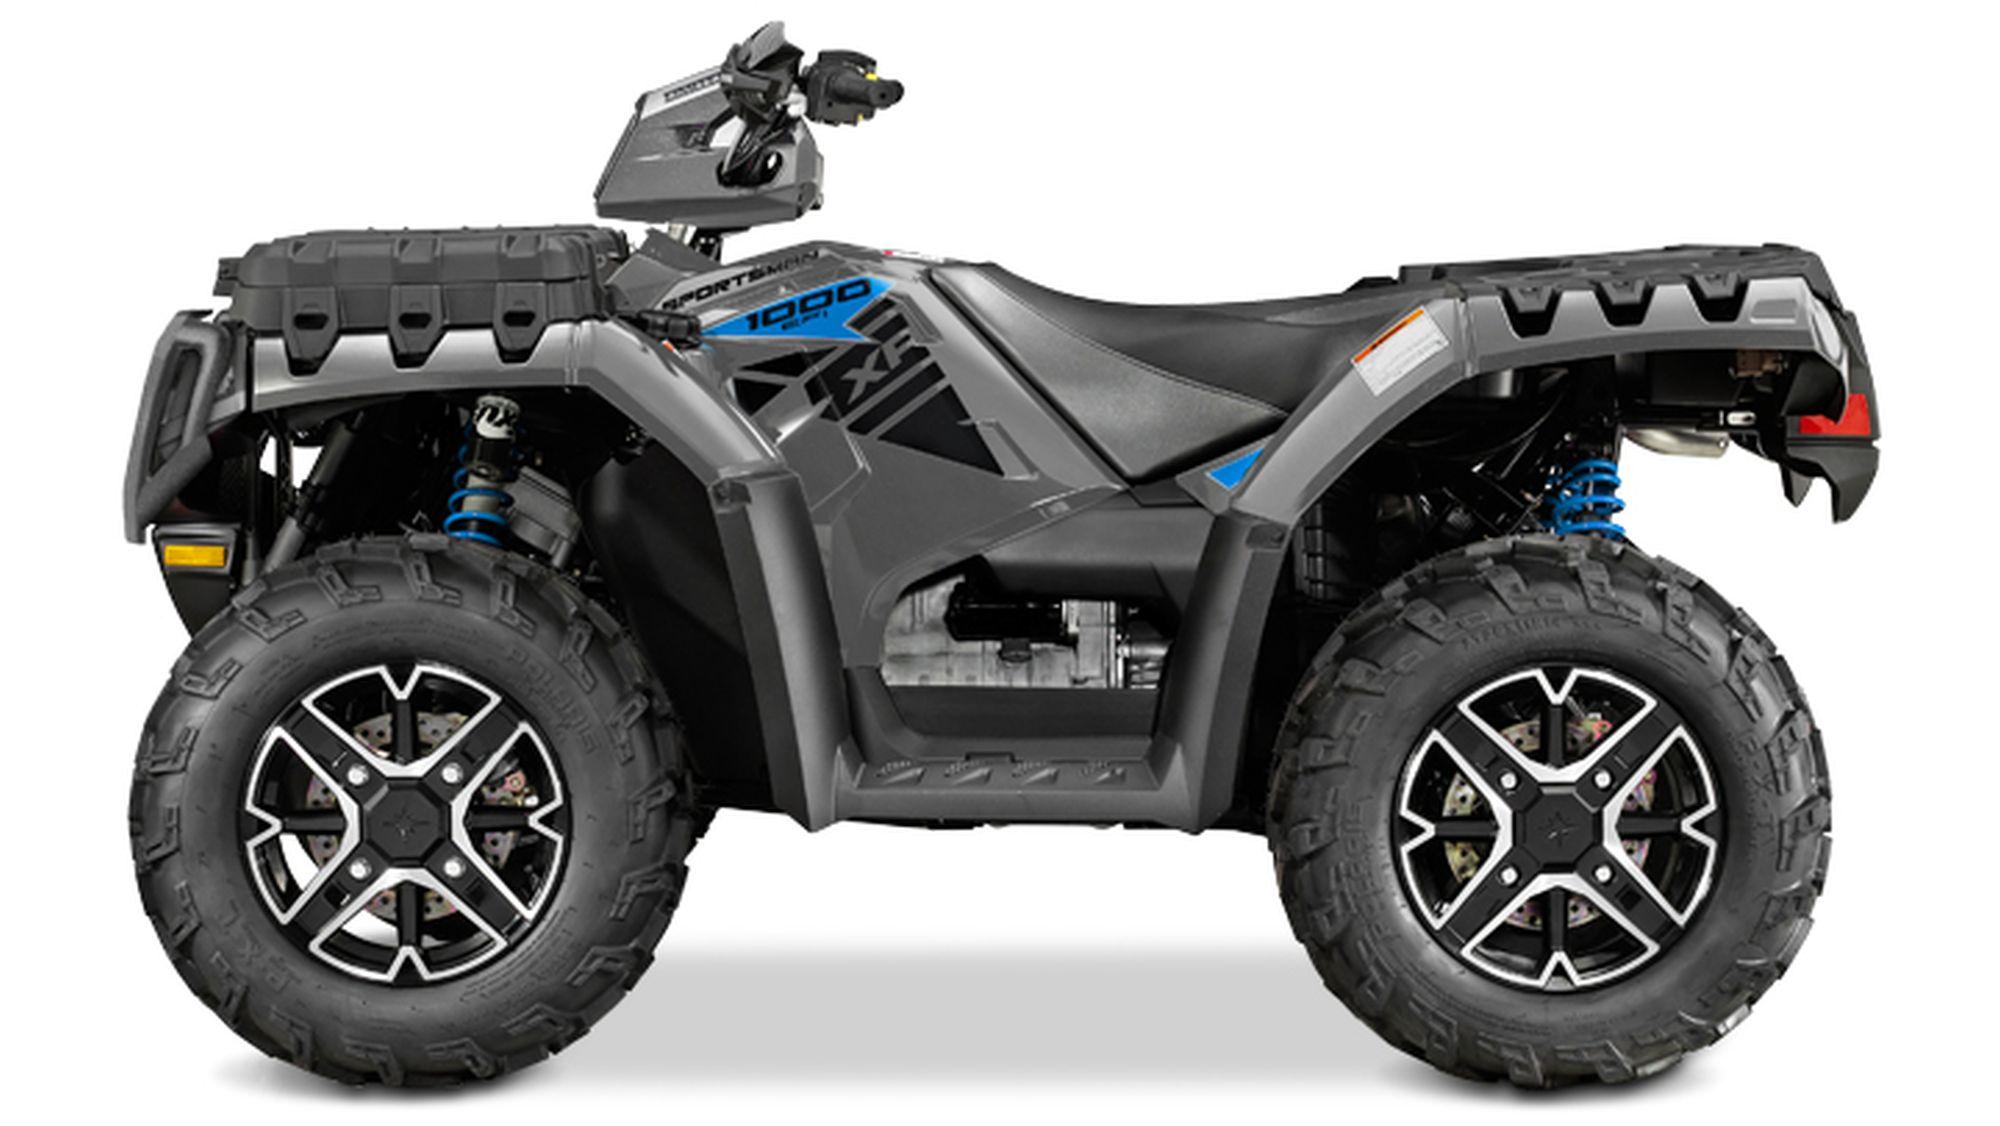 Gebrauchte Polaris Sportsman 1000 Motorr 228 Der Kaufen